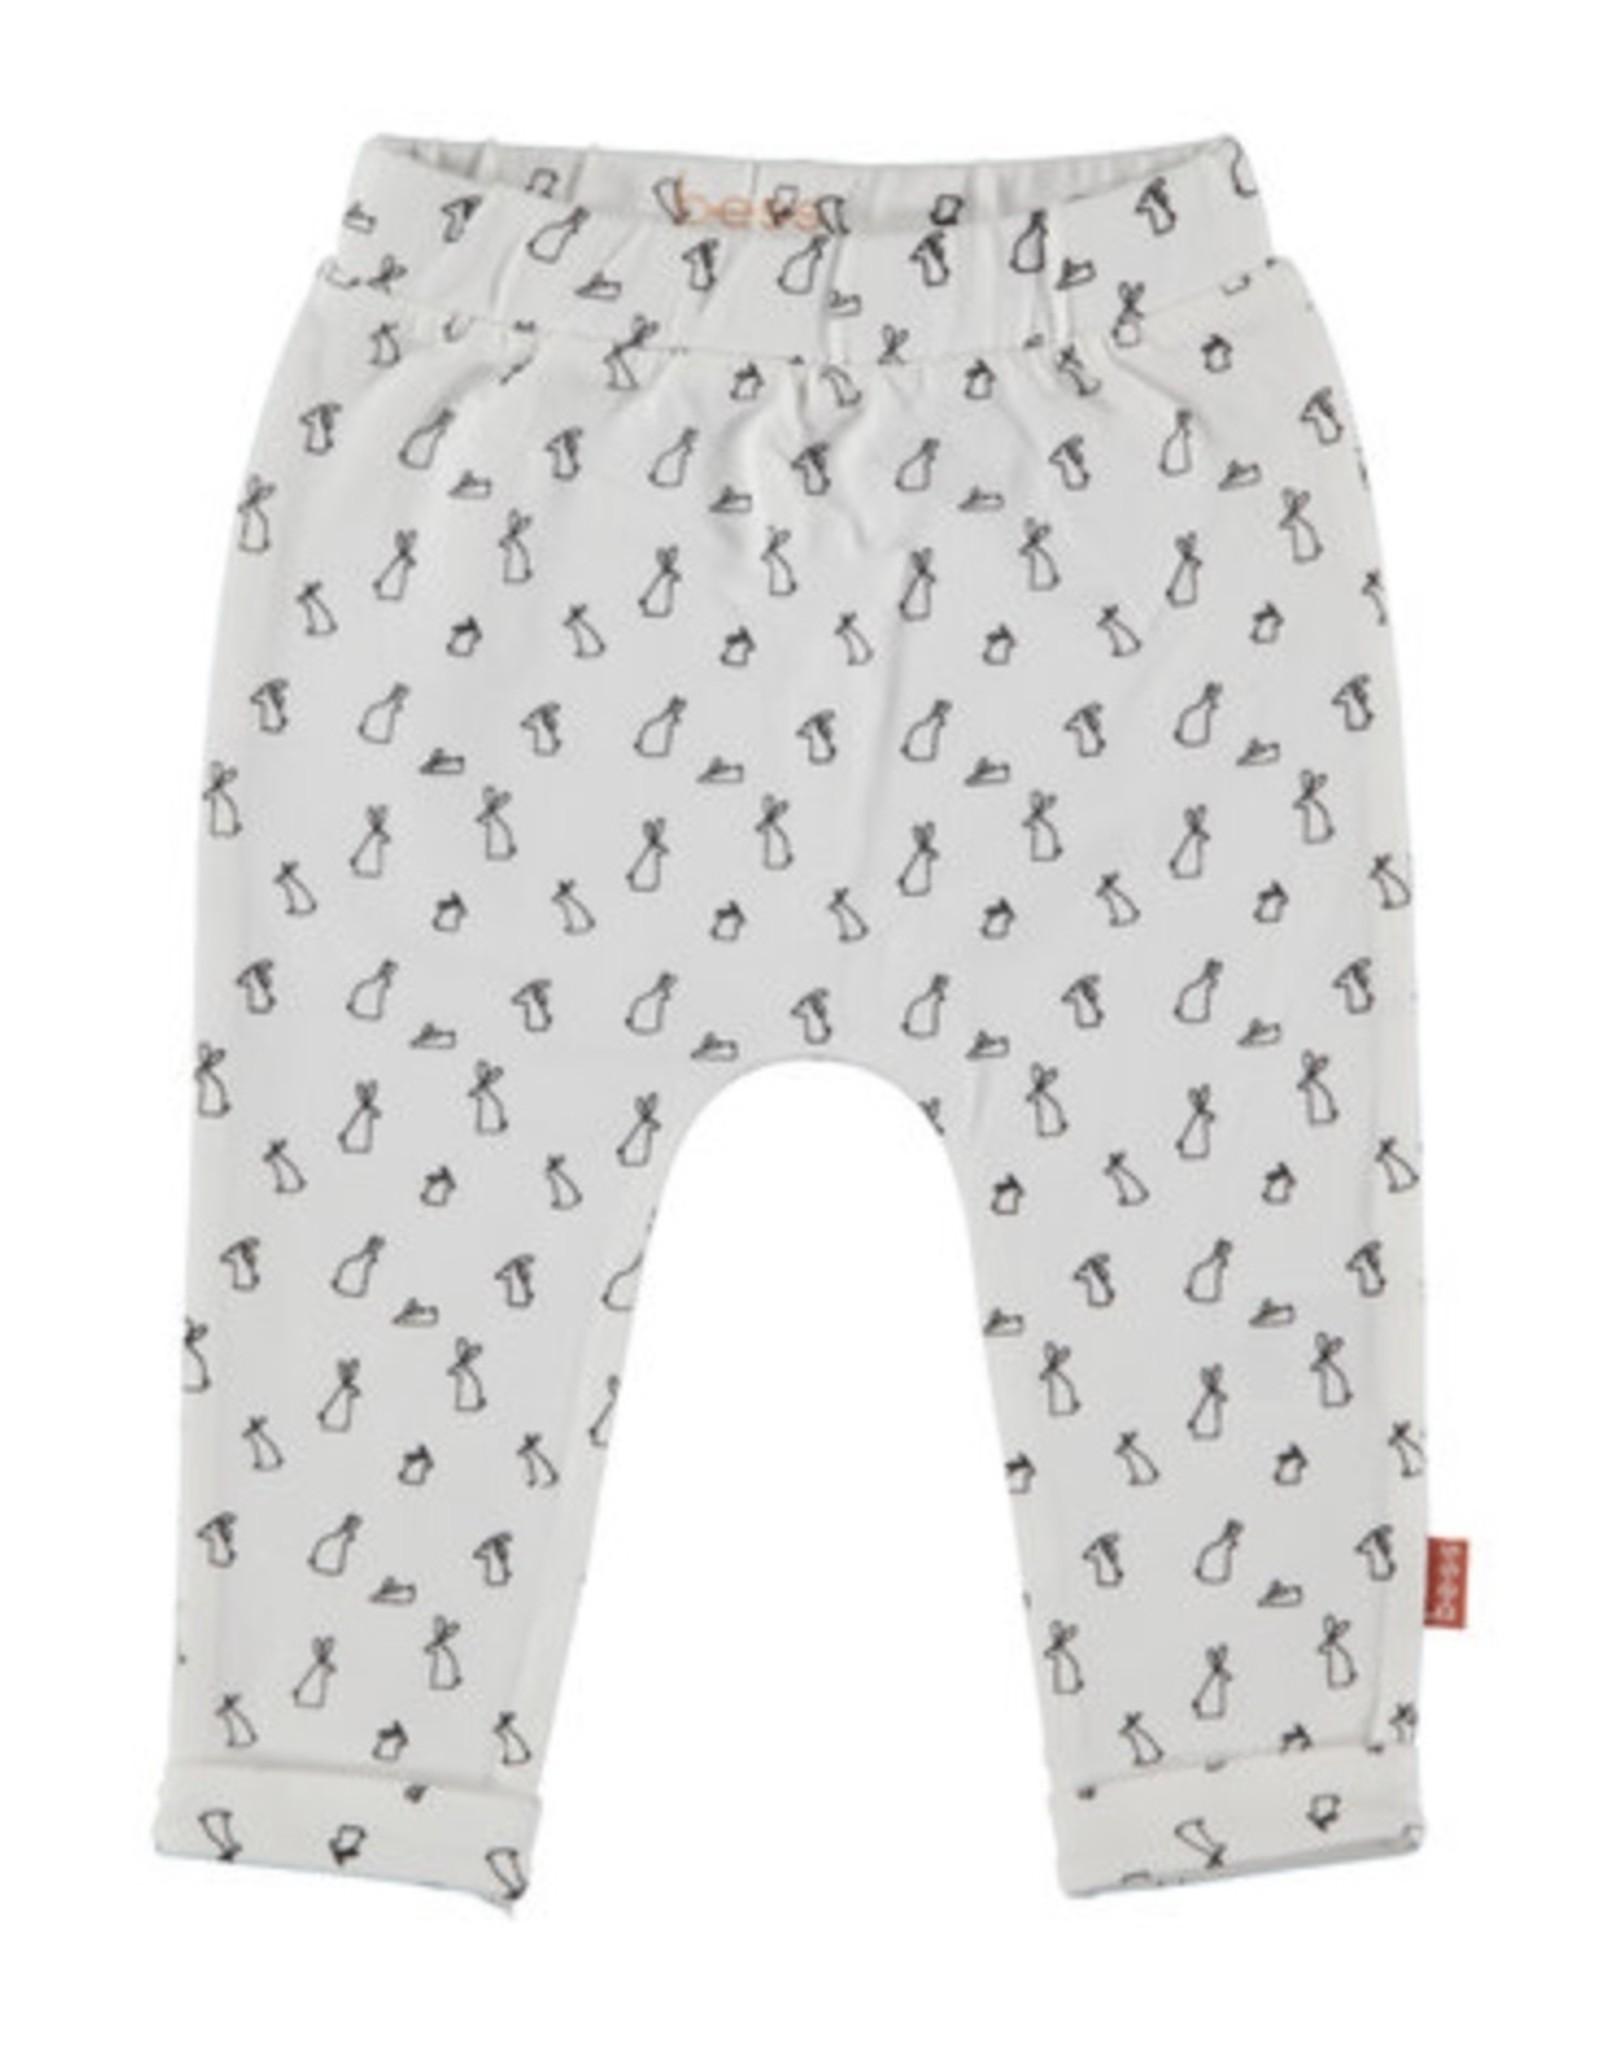 B*E*S*S 21026 Pants